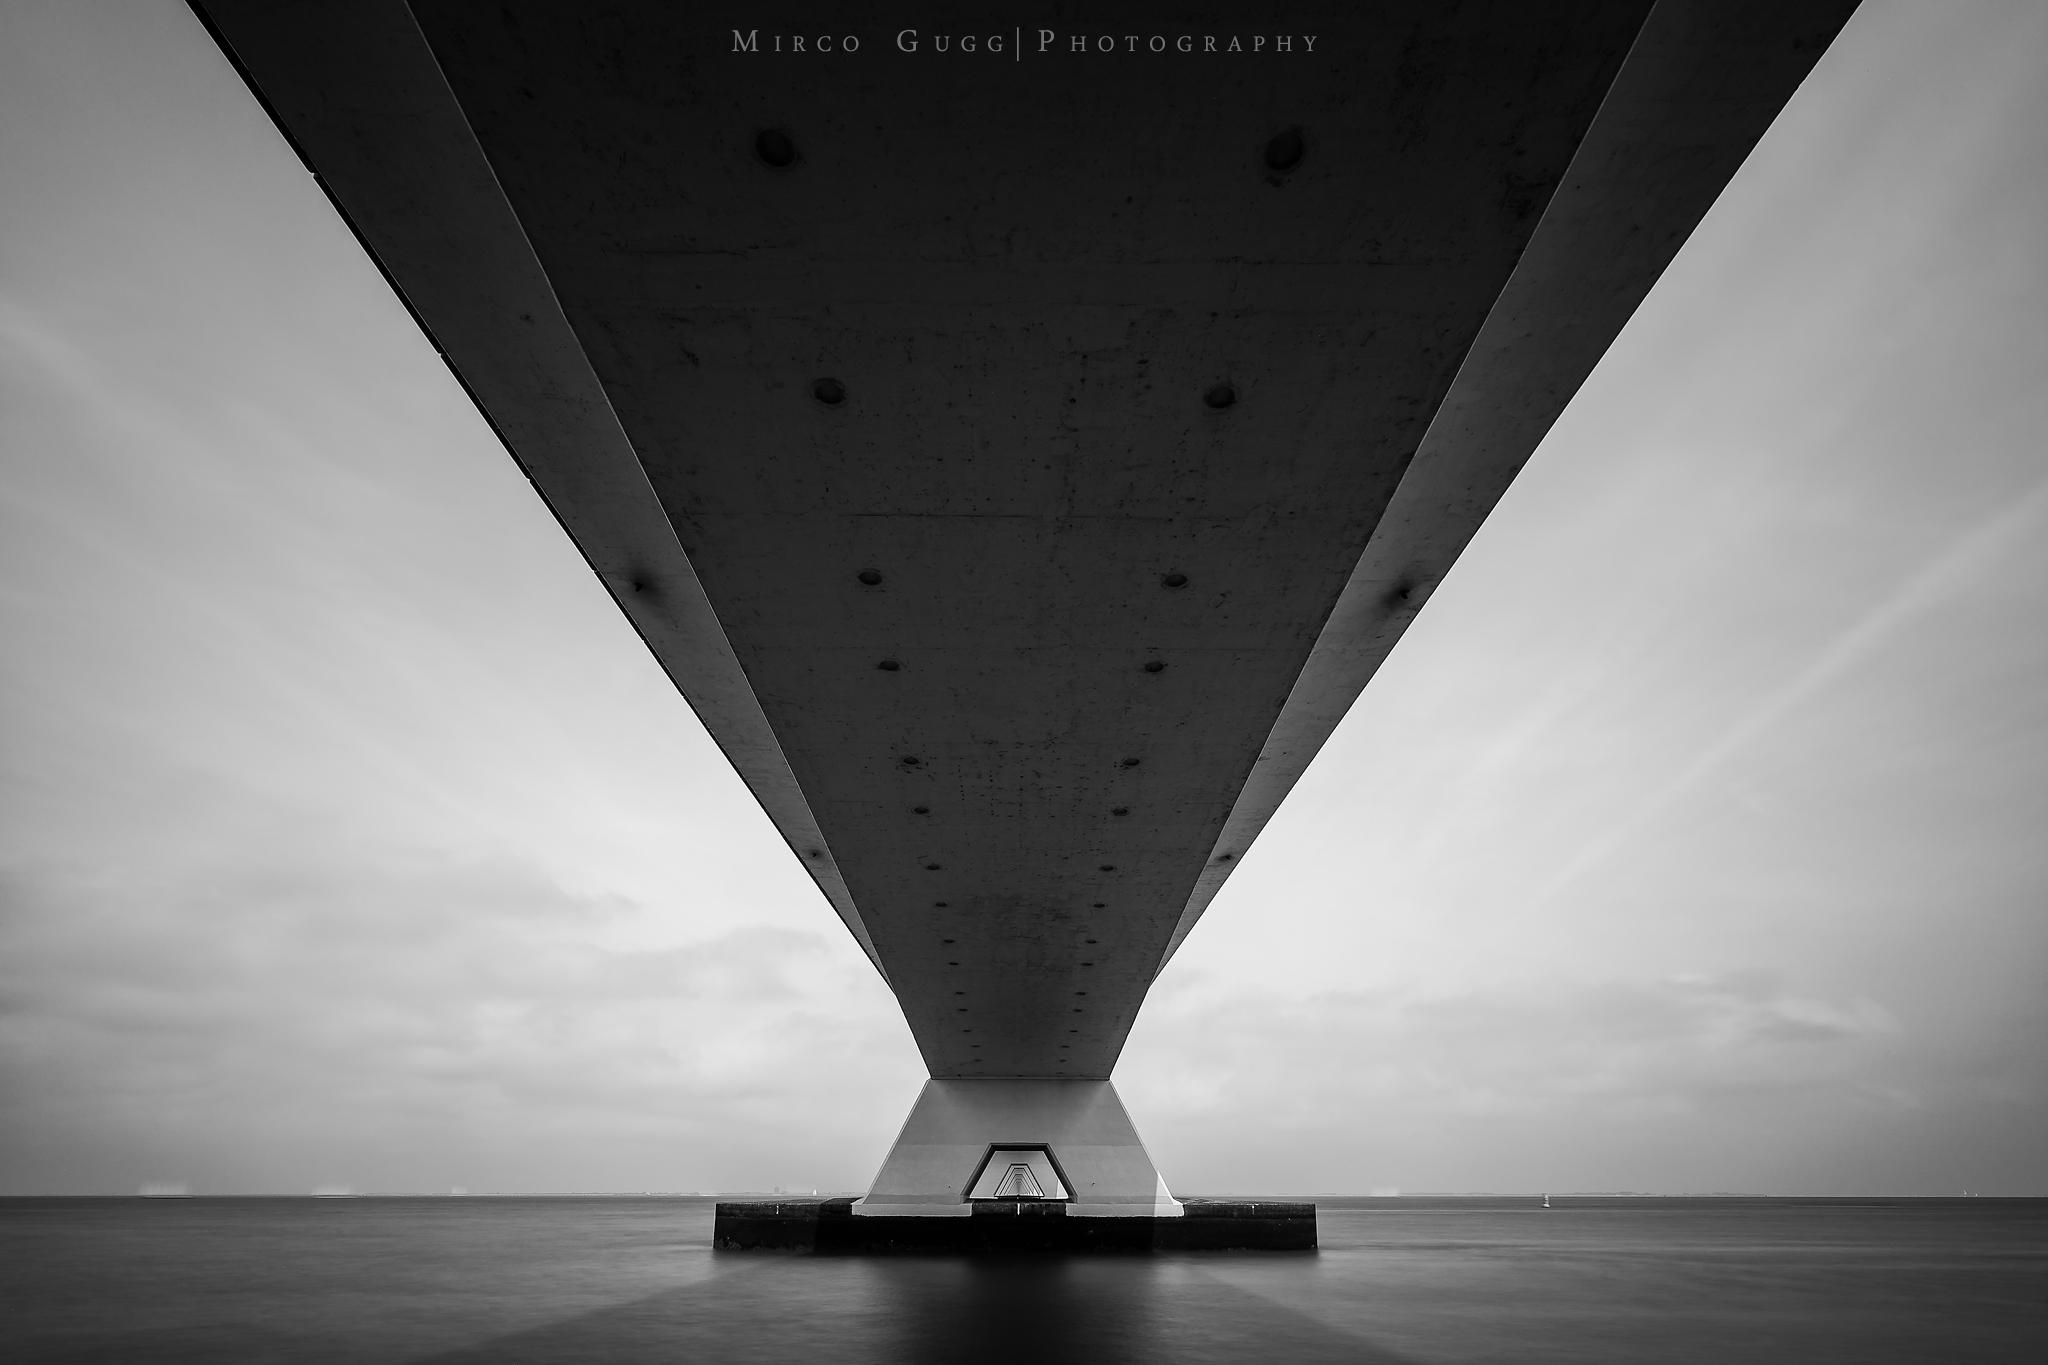 Zeeland Bridge Oosterschelde, Netherlands